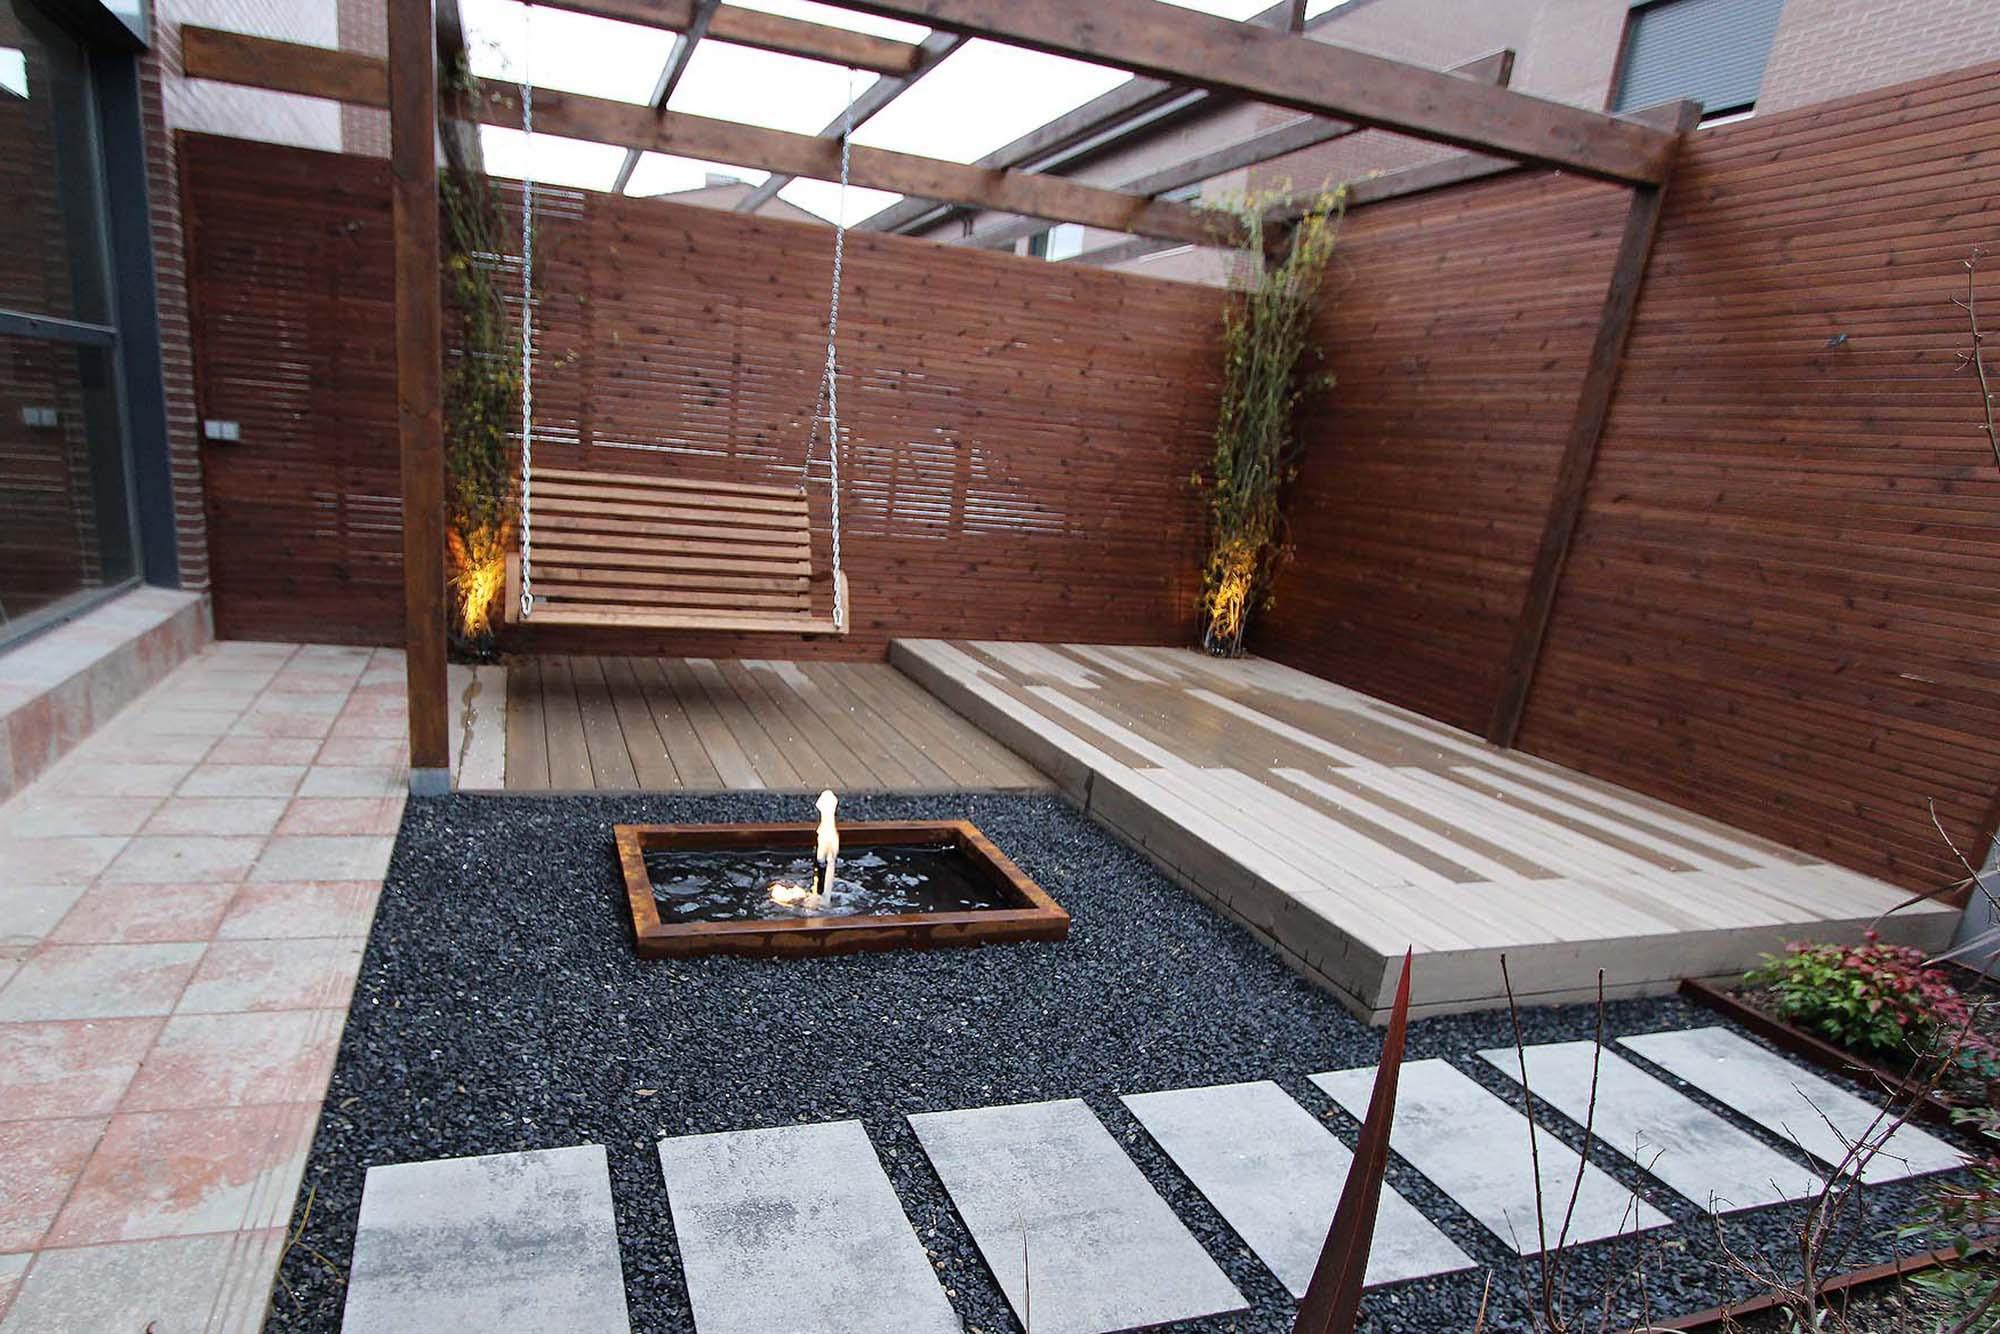 Un Jardín minimalista. La belleza reside en lo sencillo